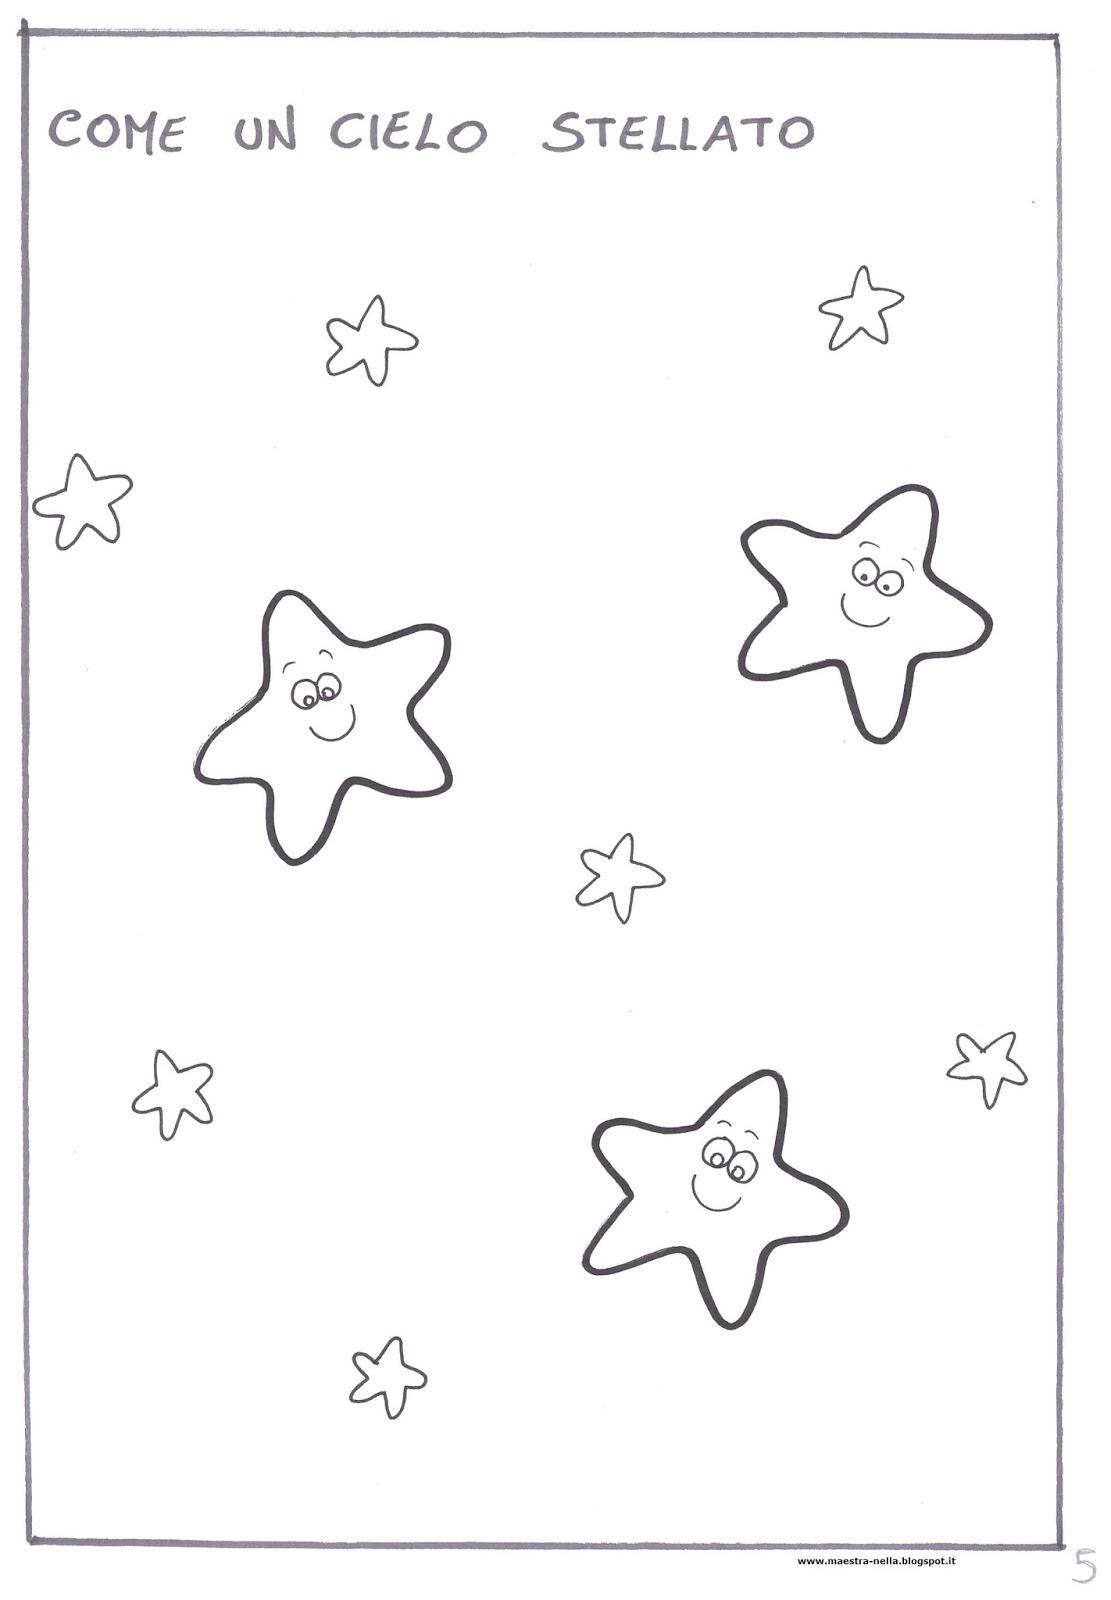 Cielo Stellato Da Colorare Per Bambini.Maestra Nella Il Colore Blu